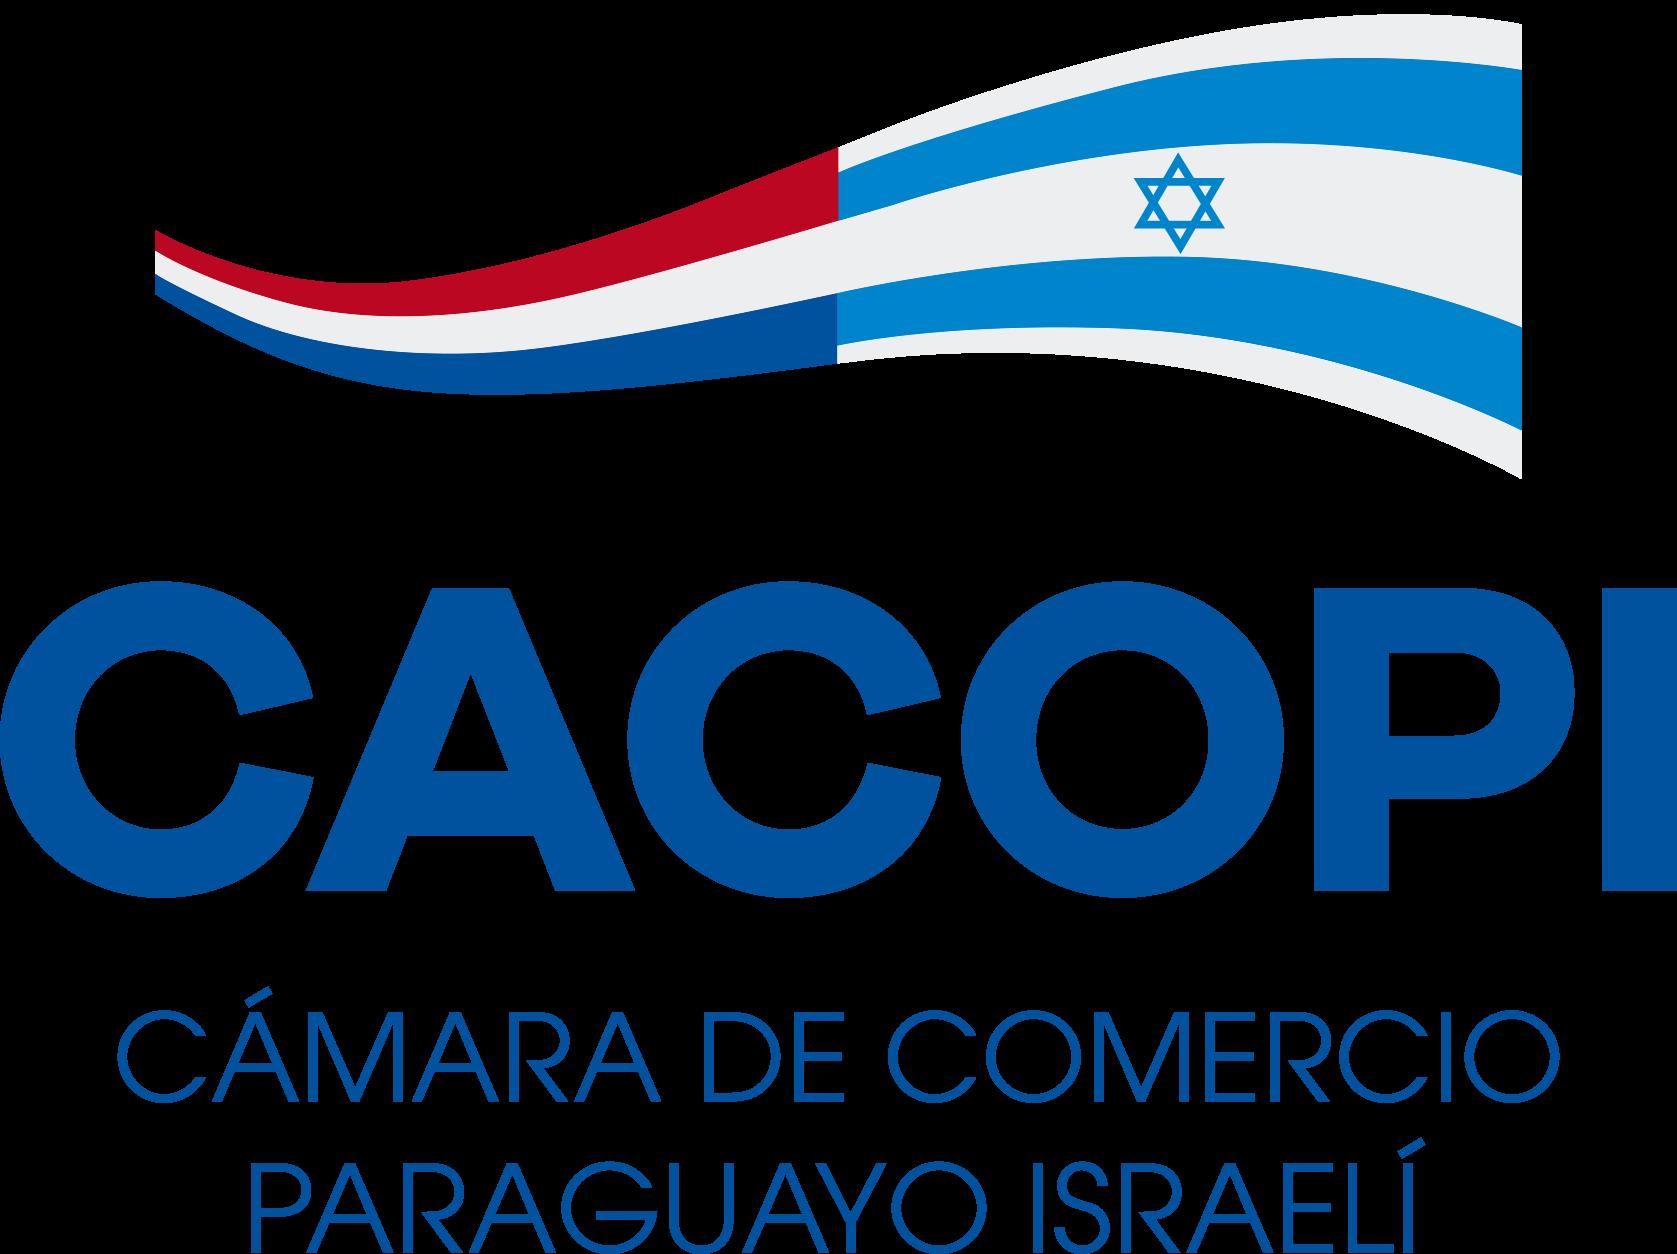 CACOPI